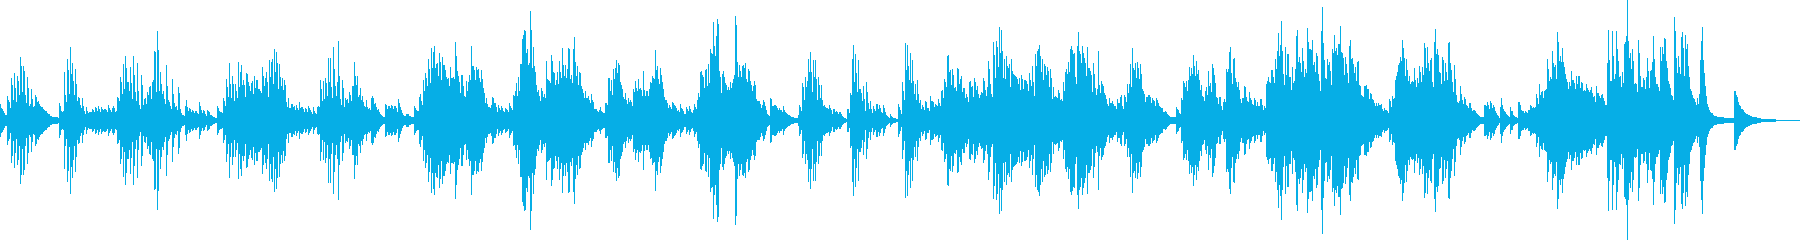 深く傷ついた心 (ピアノバラード)の再生済みの波形